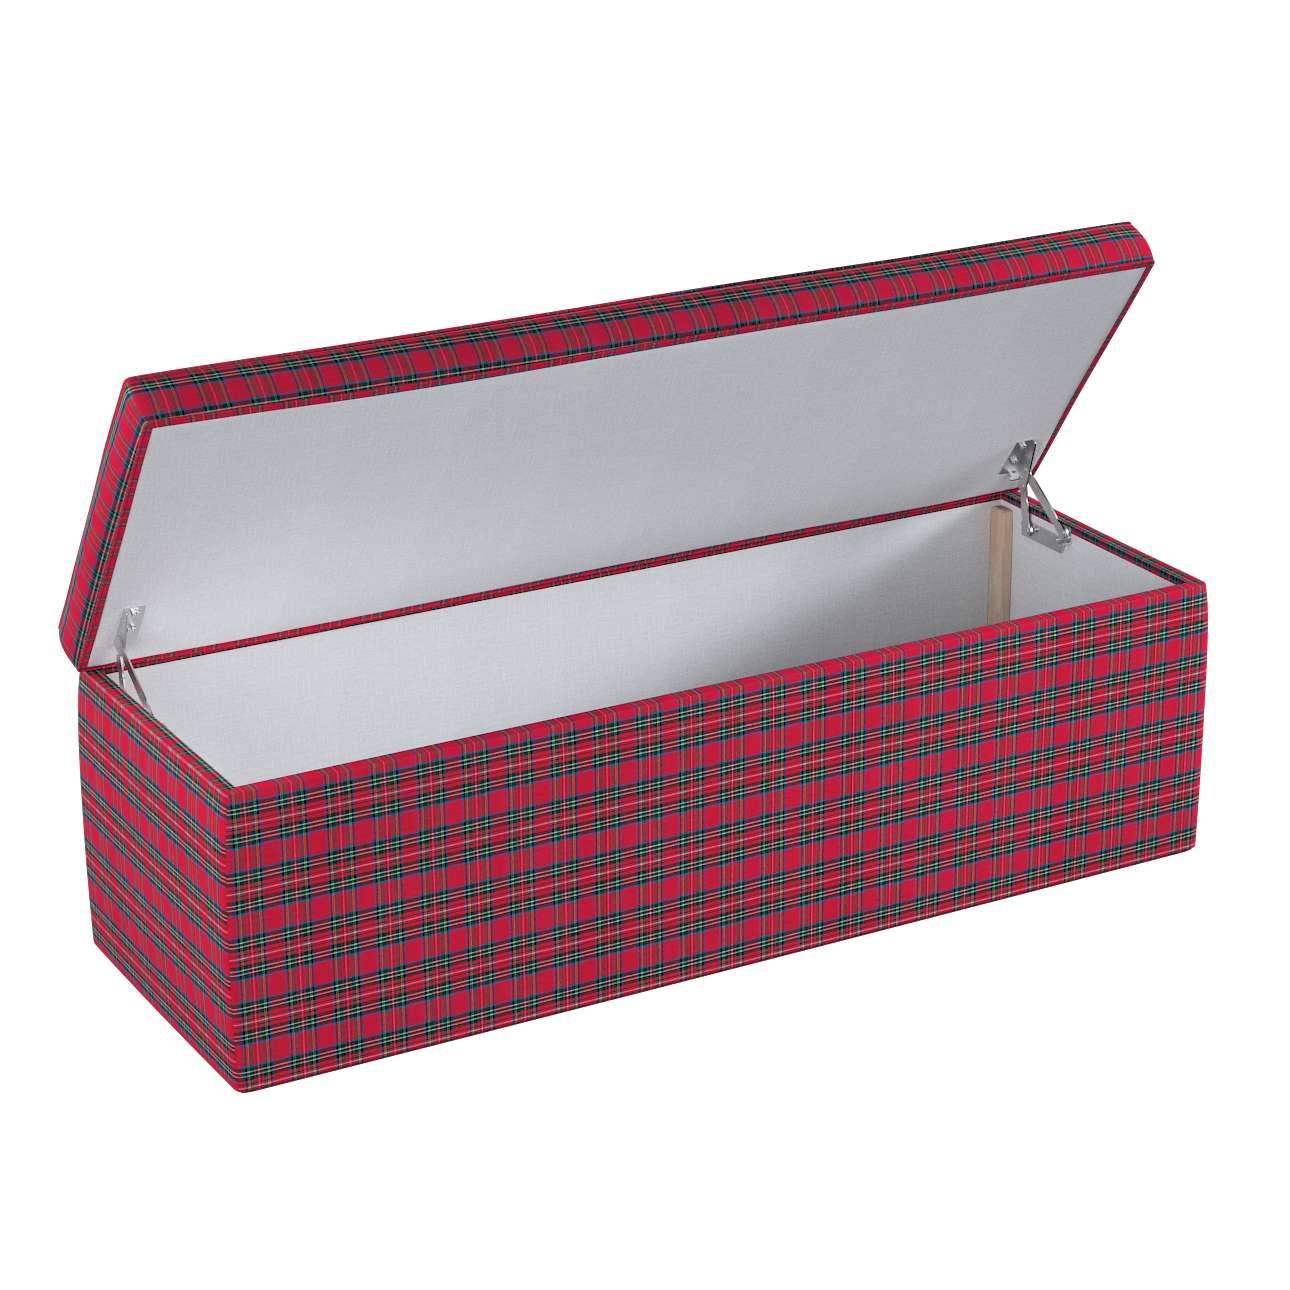 Dežė/skrynia/daiktadėžė 90 × 40 × 40 cm kolekcijoje Bristol, audinys: 126-29